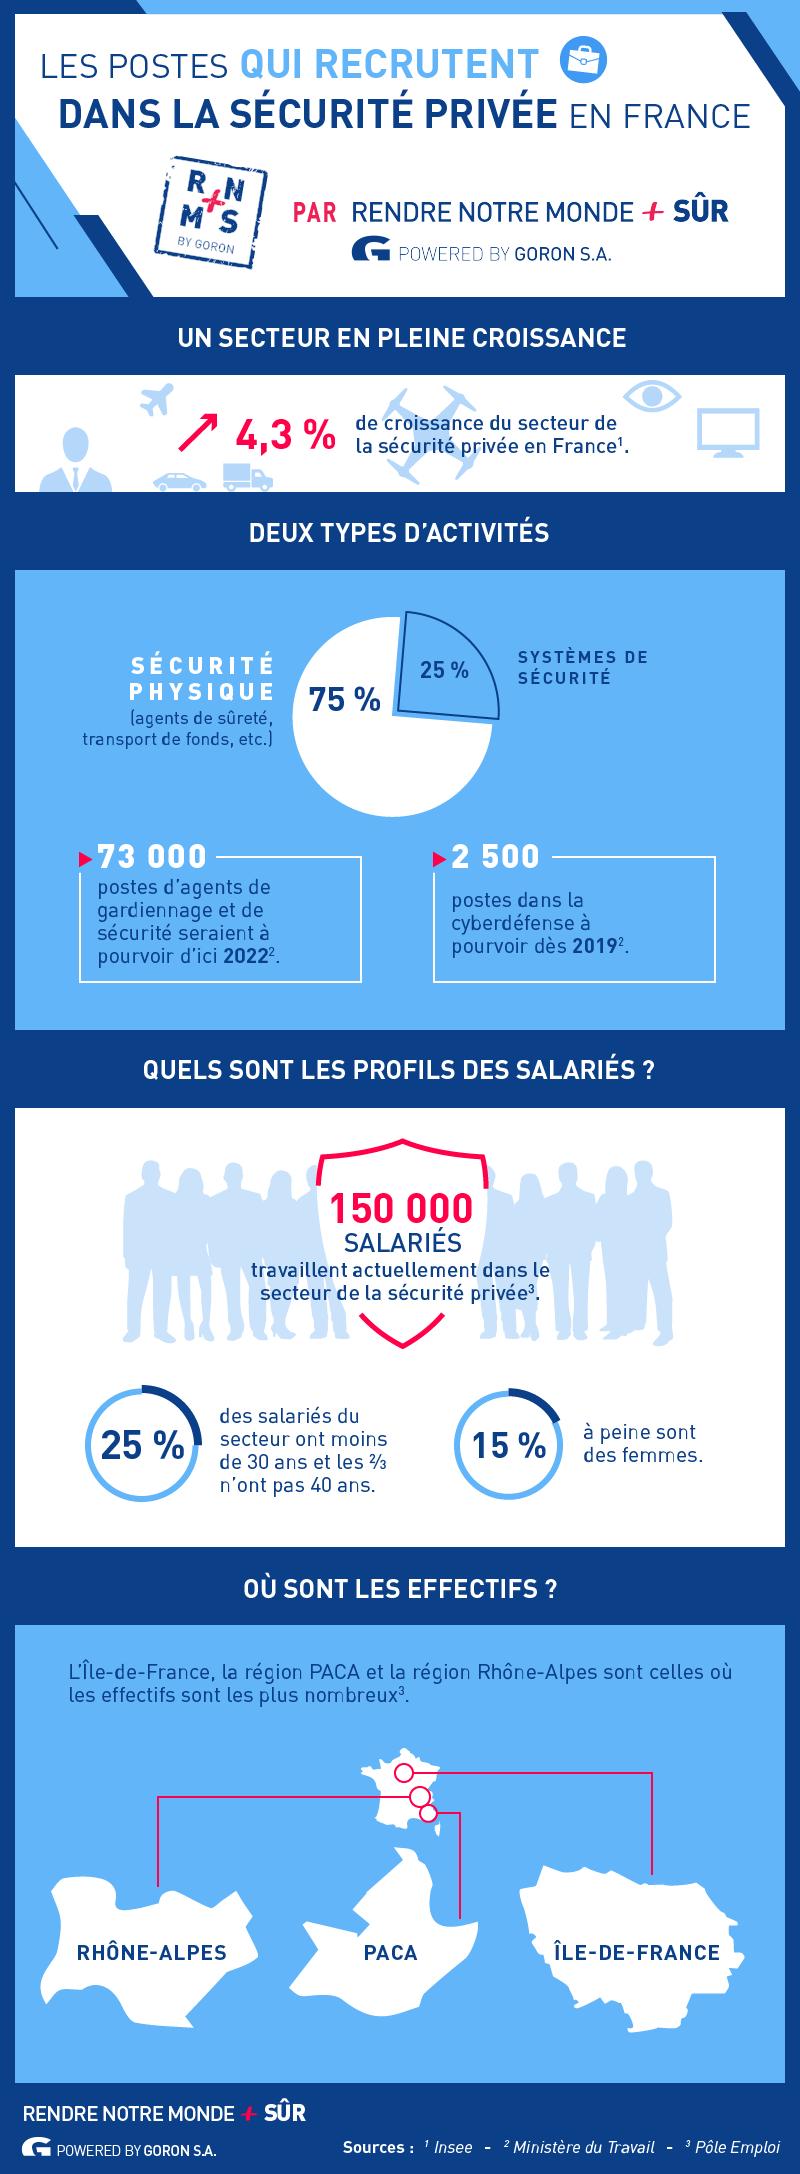 Infographie sur les métiers qui recrutent dans la sécurité privée